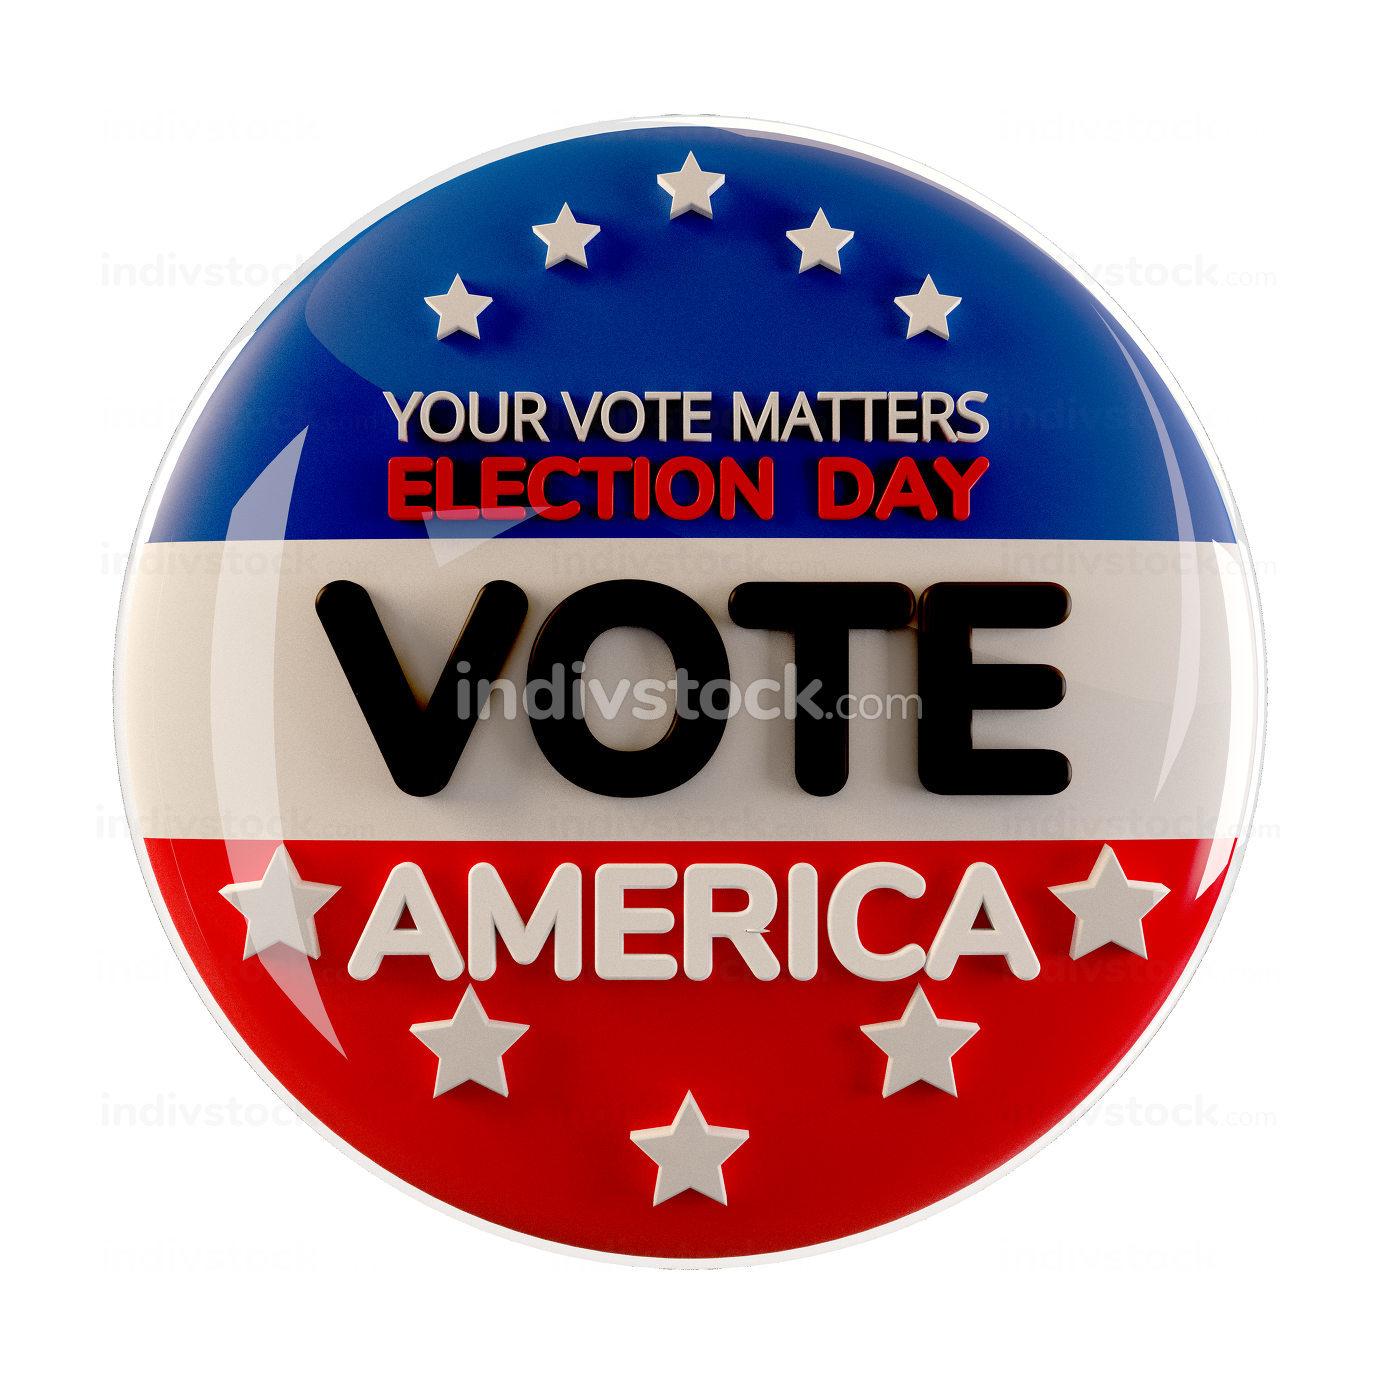 vote 2020 America button icon 3d-illustration